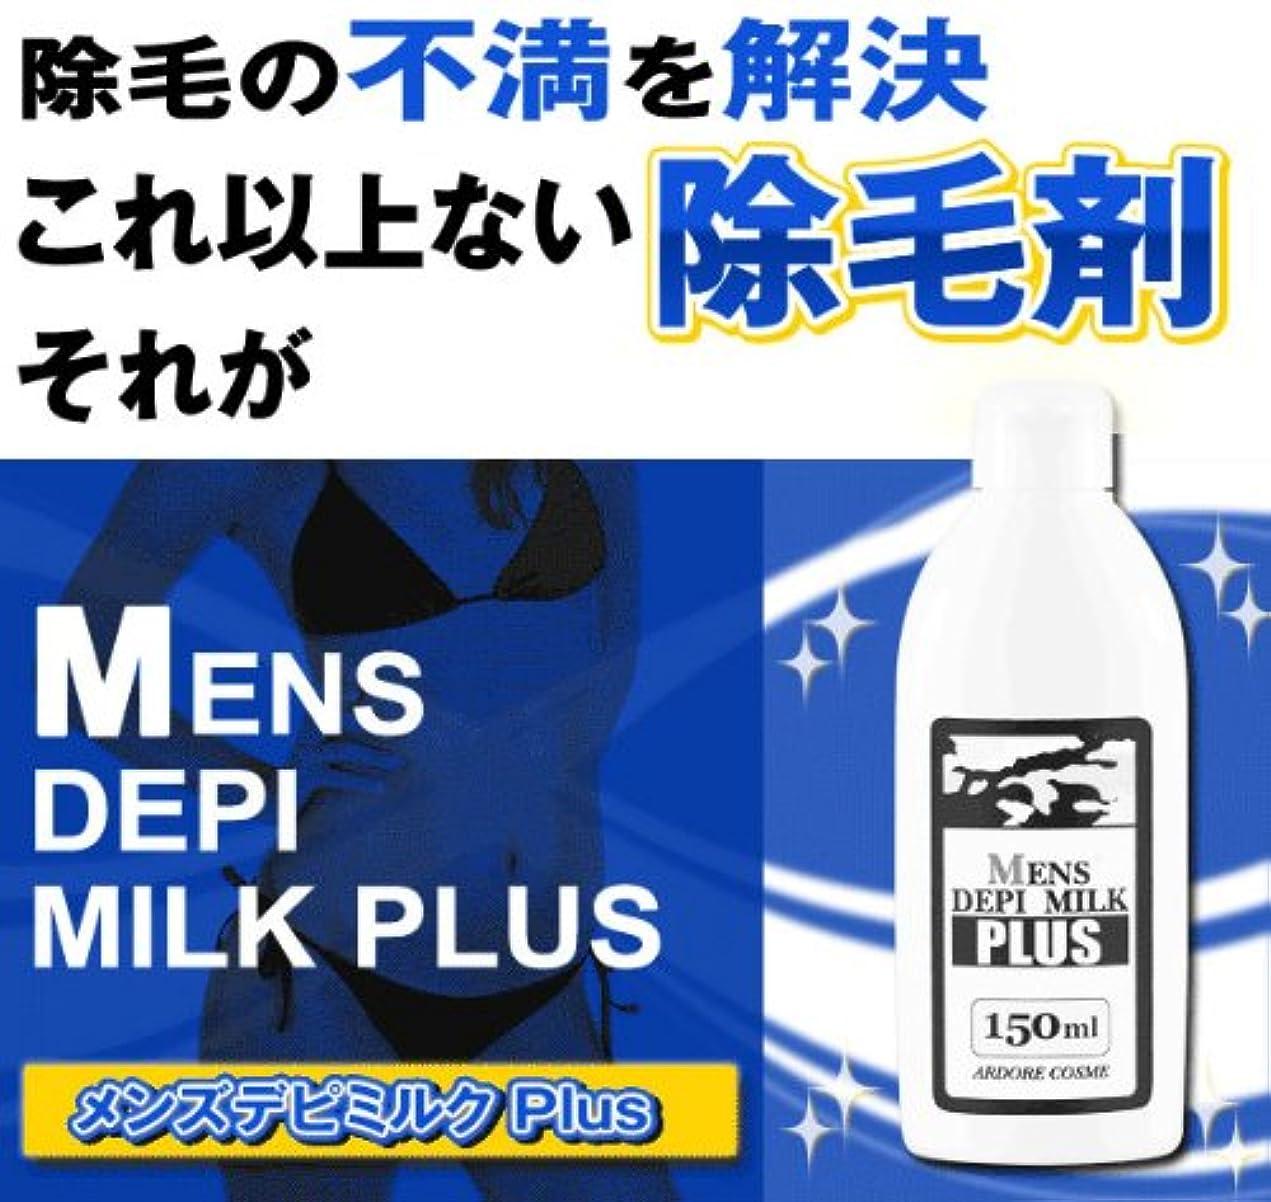 アミューズマルクス主義豚薬用メンズデピミルクプラス 150ml(薬用除毛クリーム)医薬部外品